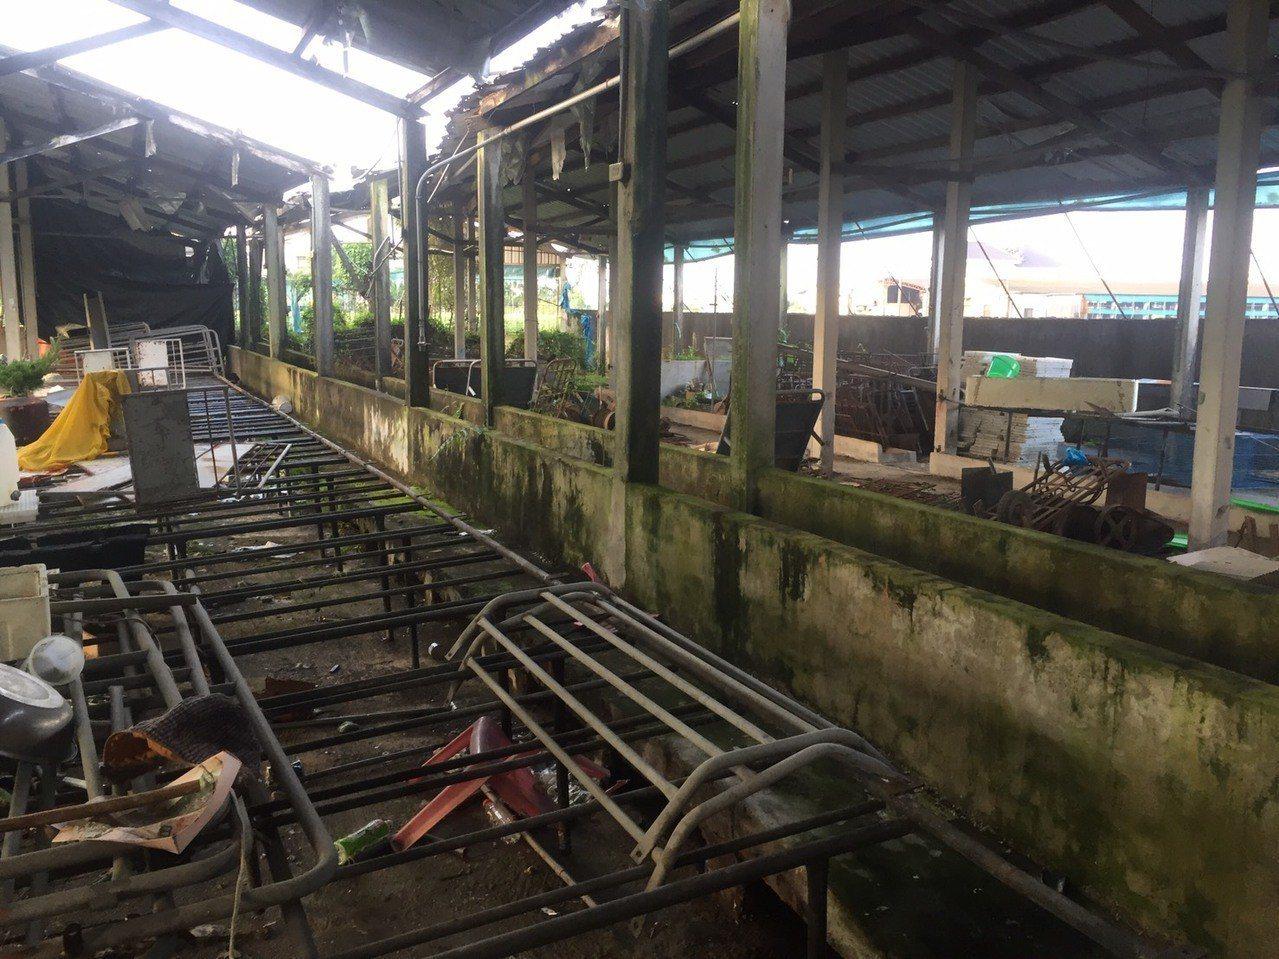 潘姓男子原先躲藏在廢棄豬舍,涉嫌將毒品藏放在豬舍鴿籠。記者劉星君/翻攝